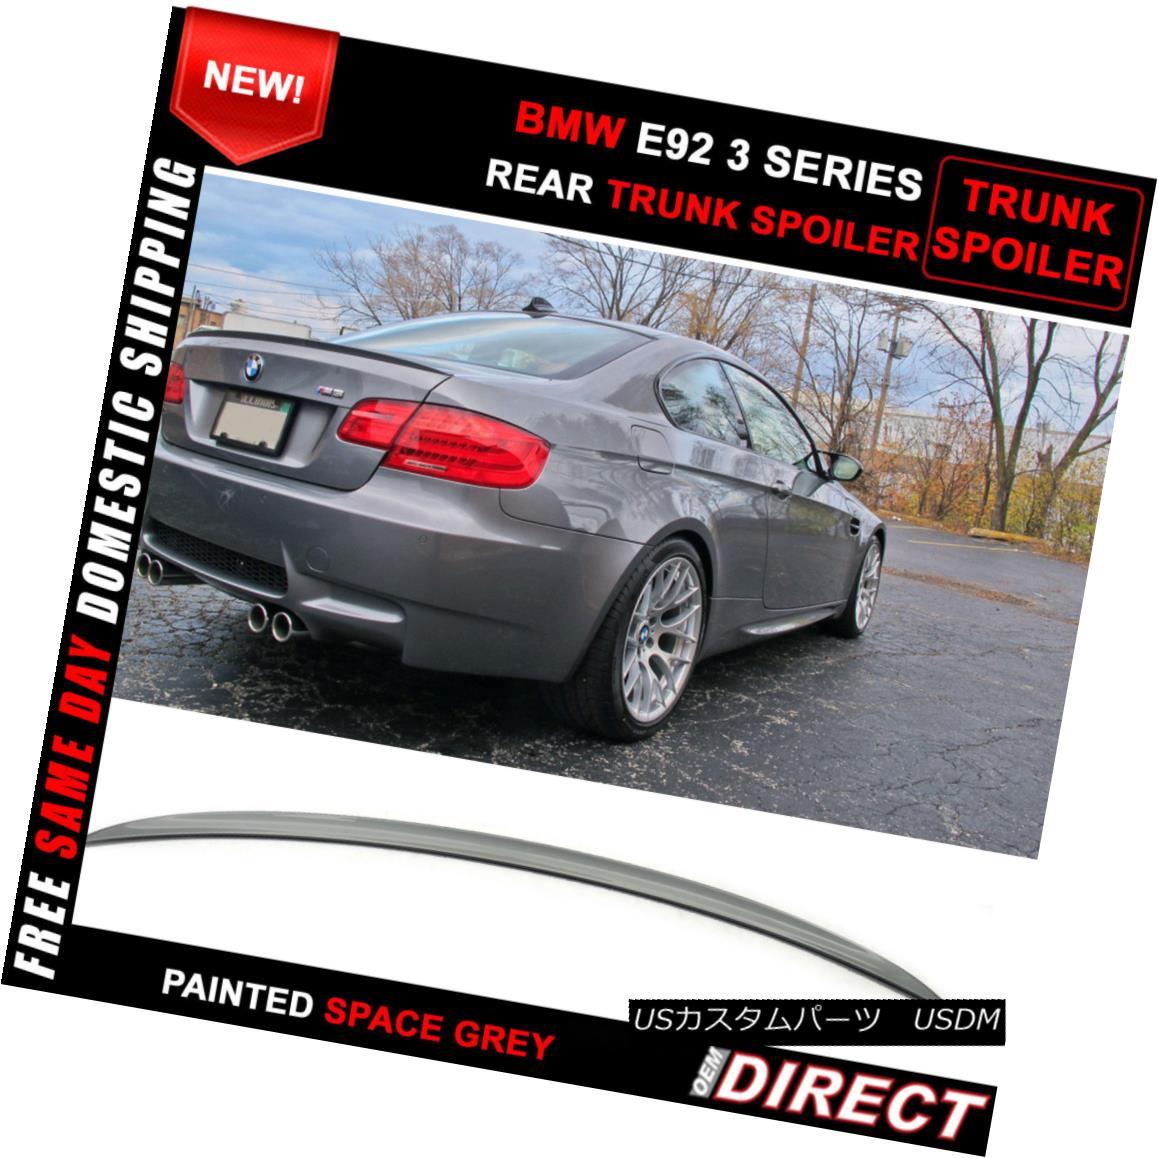 エアロパーツ 07-13 BMW E92 Coupe M3 Style Color Code #A52 Painted ABS Trunk Spoiler 07-13 BMW E92クーペM3スタイルカラーコード#A52塗装ABSトランク・スポイラー